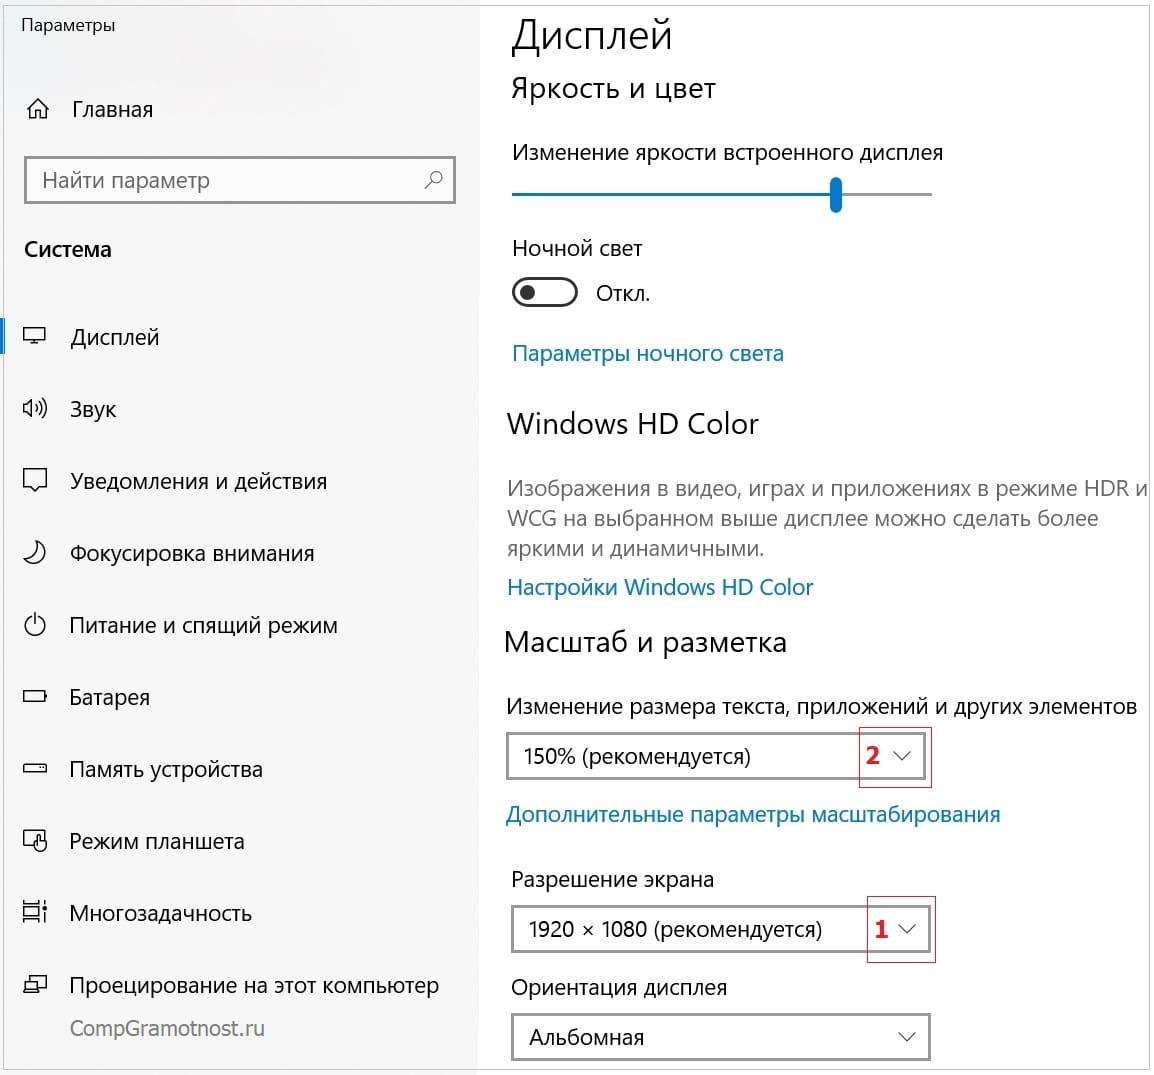 масштаб и разрешение экрана компьютера